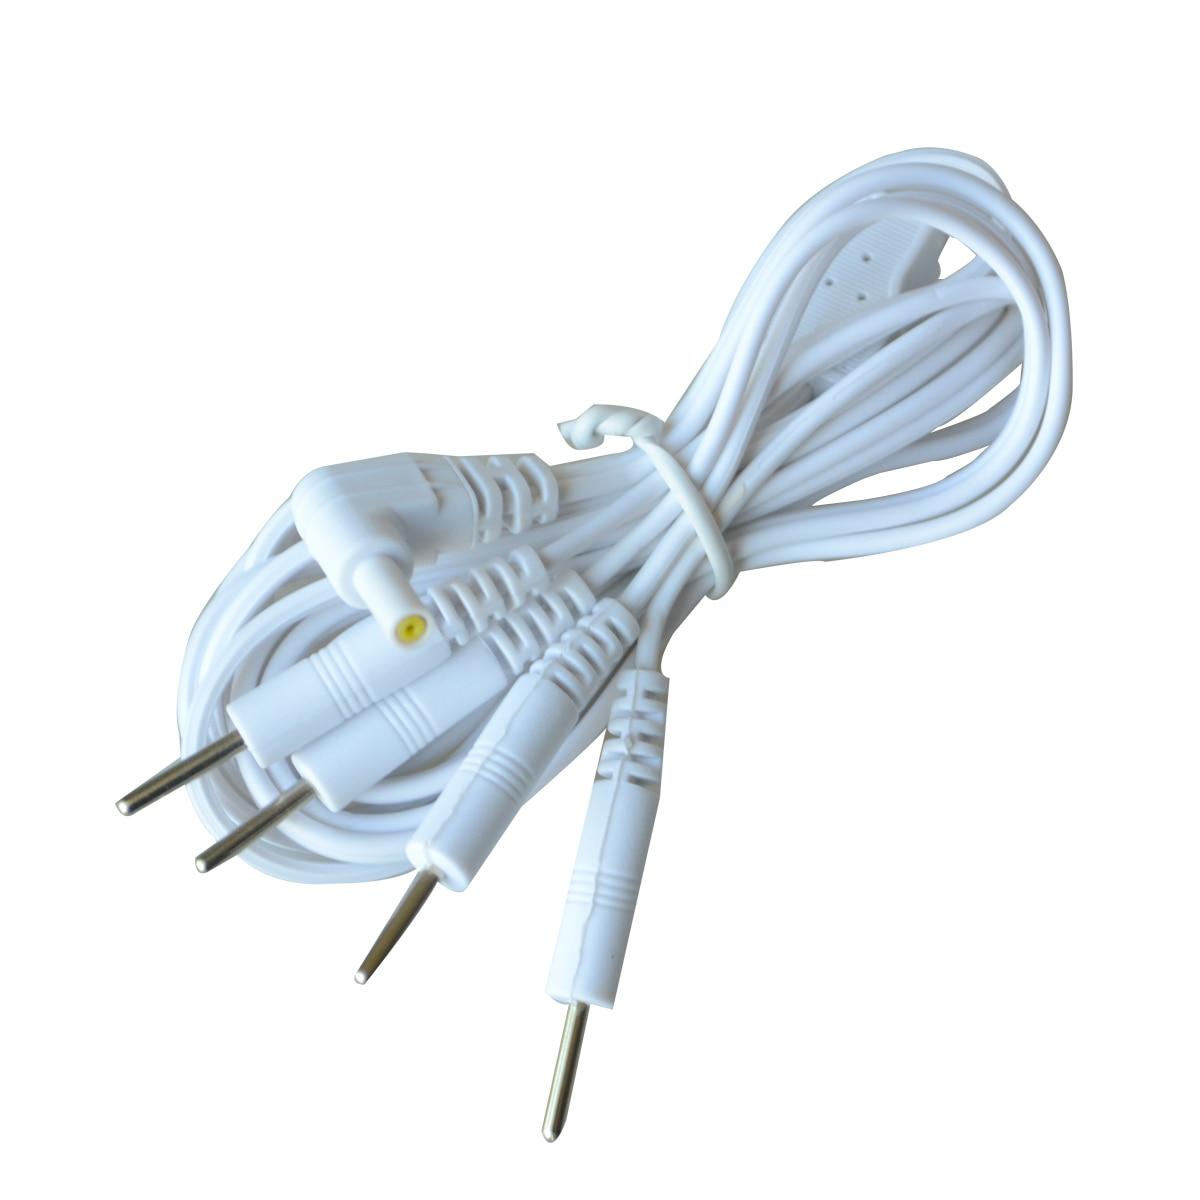 5 pcs substituição eletrodo chumbo fios padrão pinos cabos de conexão para dezenas ems padrão conector 2.35mm 4 em 1 massagem ferramentas